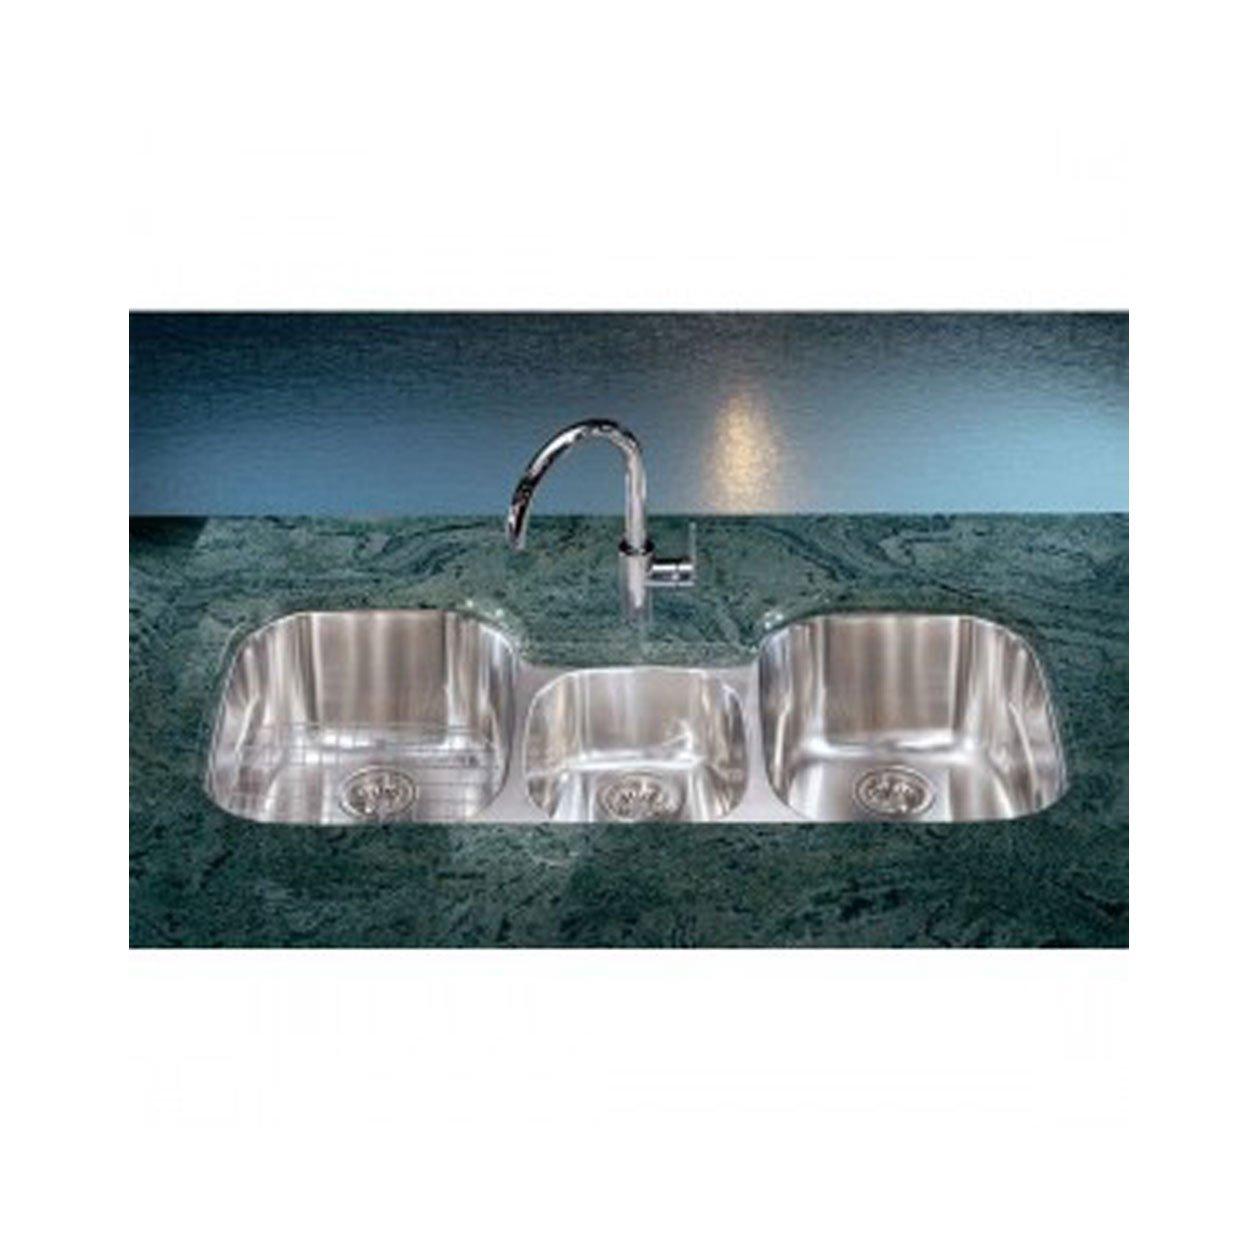 Lovely Franke RGX170 Regetta Triple Bowl Undermount Kitchen Sink   Three  Compartment Kitchen Stainless Steel Sink Undermount   Amazon.com